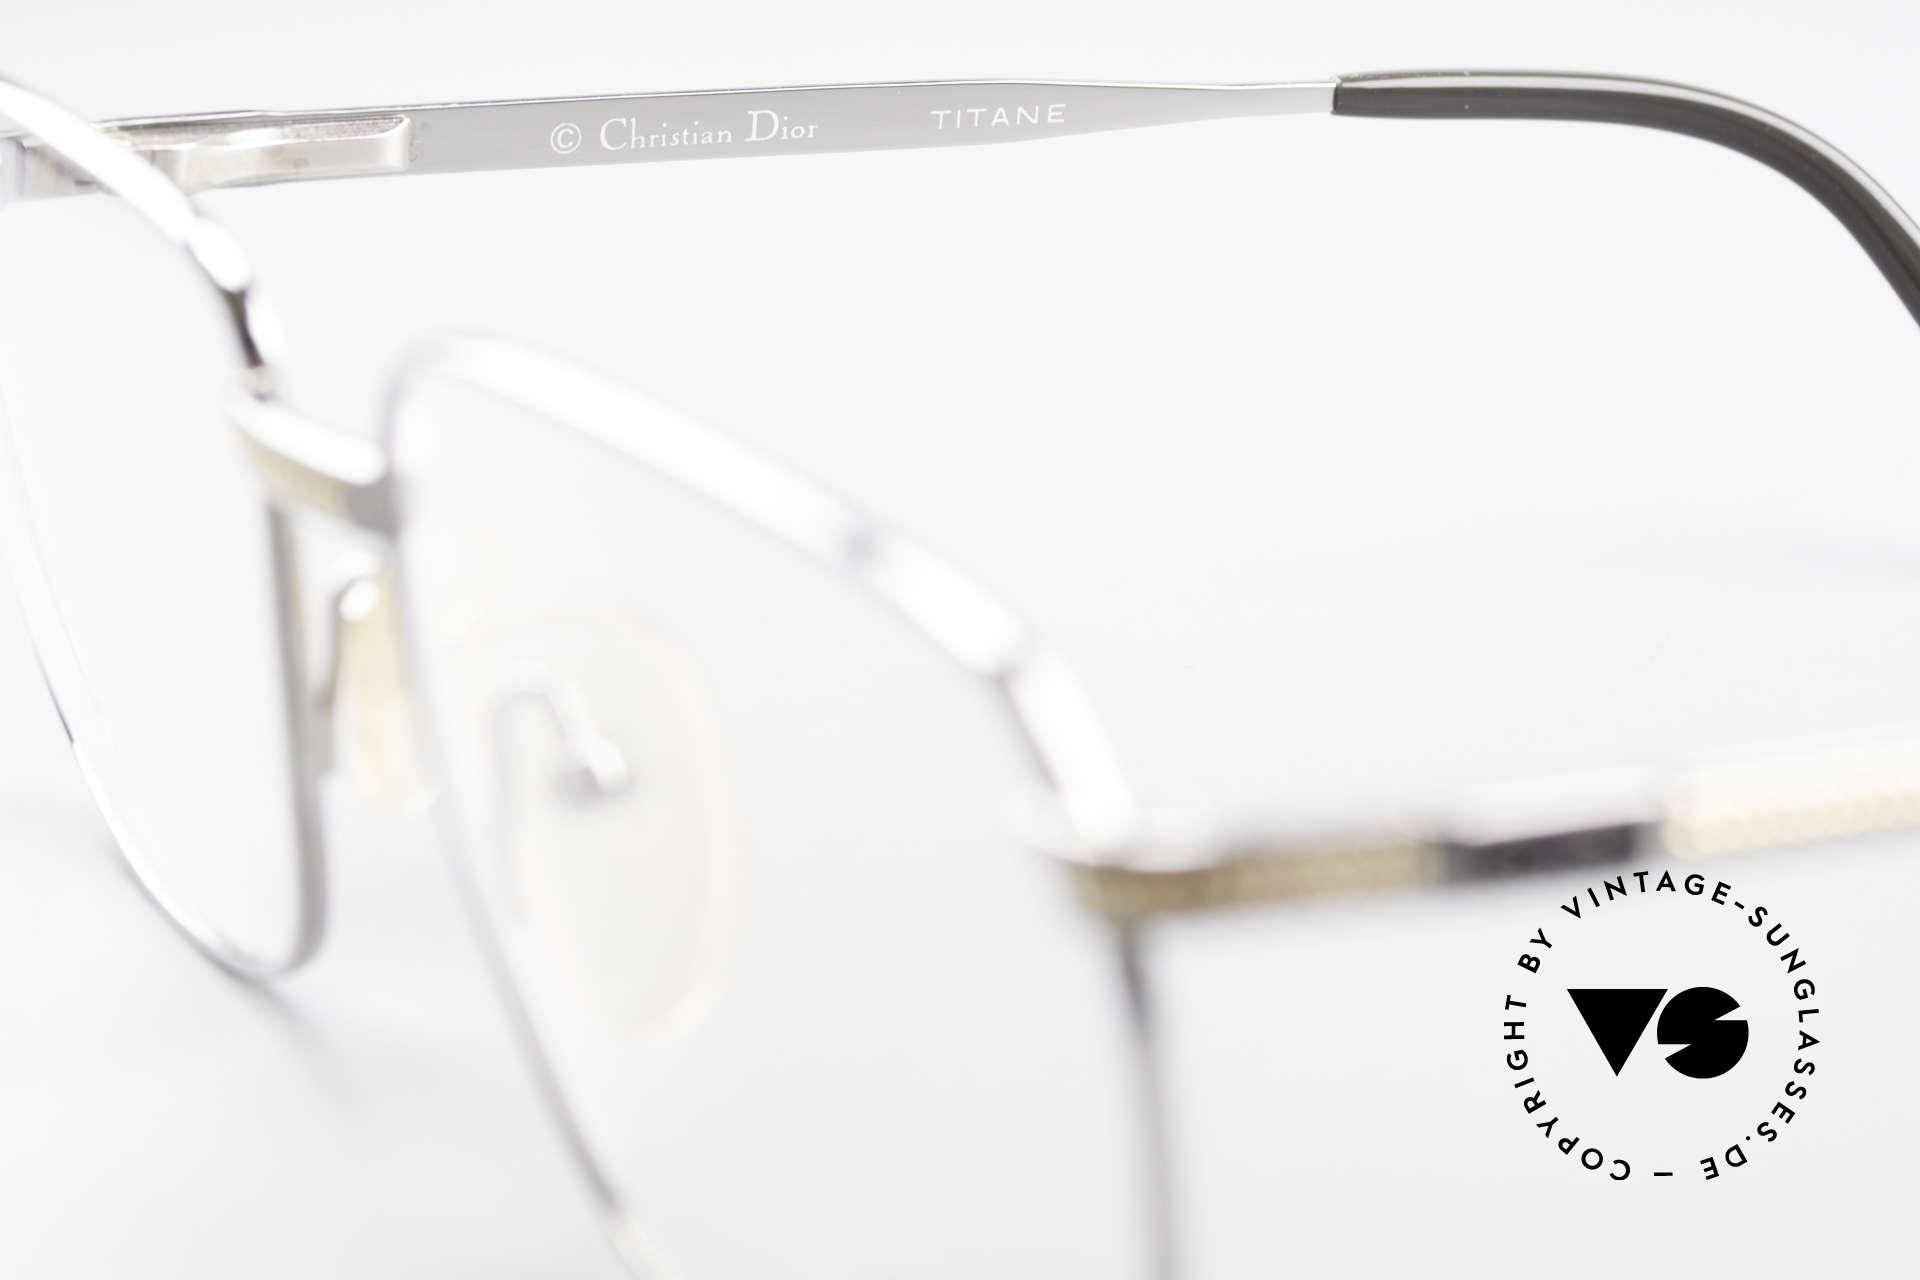 Christian Dior 2791 Titanium Eyeglass-Frame 90's, NO RETRO eyeglasses, but a rare 25 years old original!, Made for Men